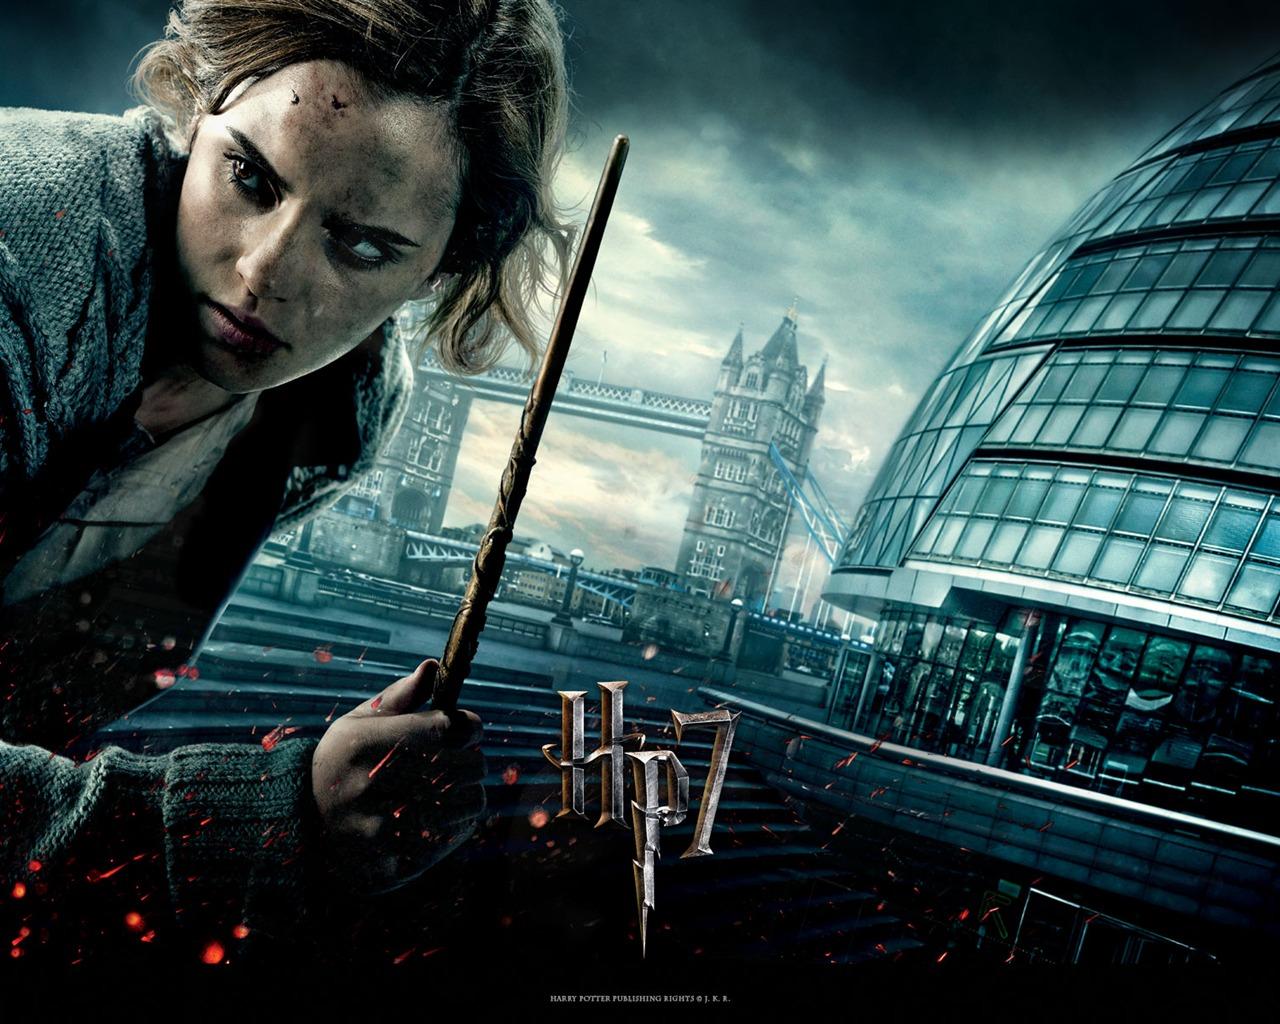 哈利波特7:死亡圣器 电影高清壁纸 03